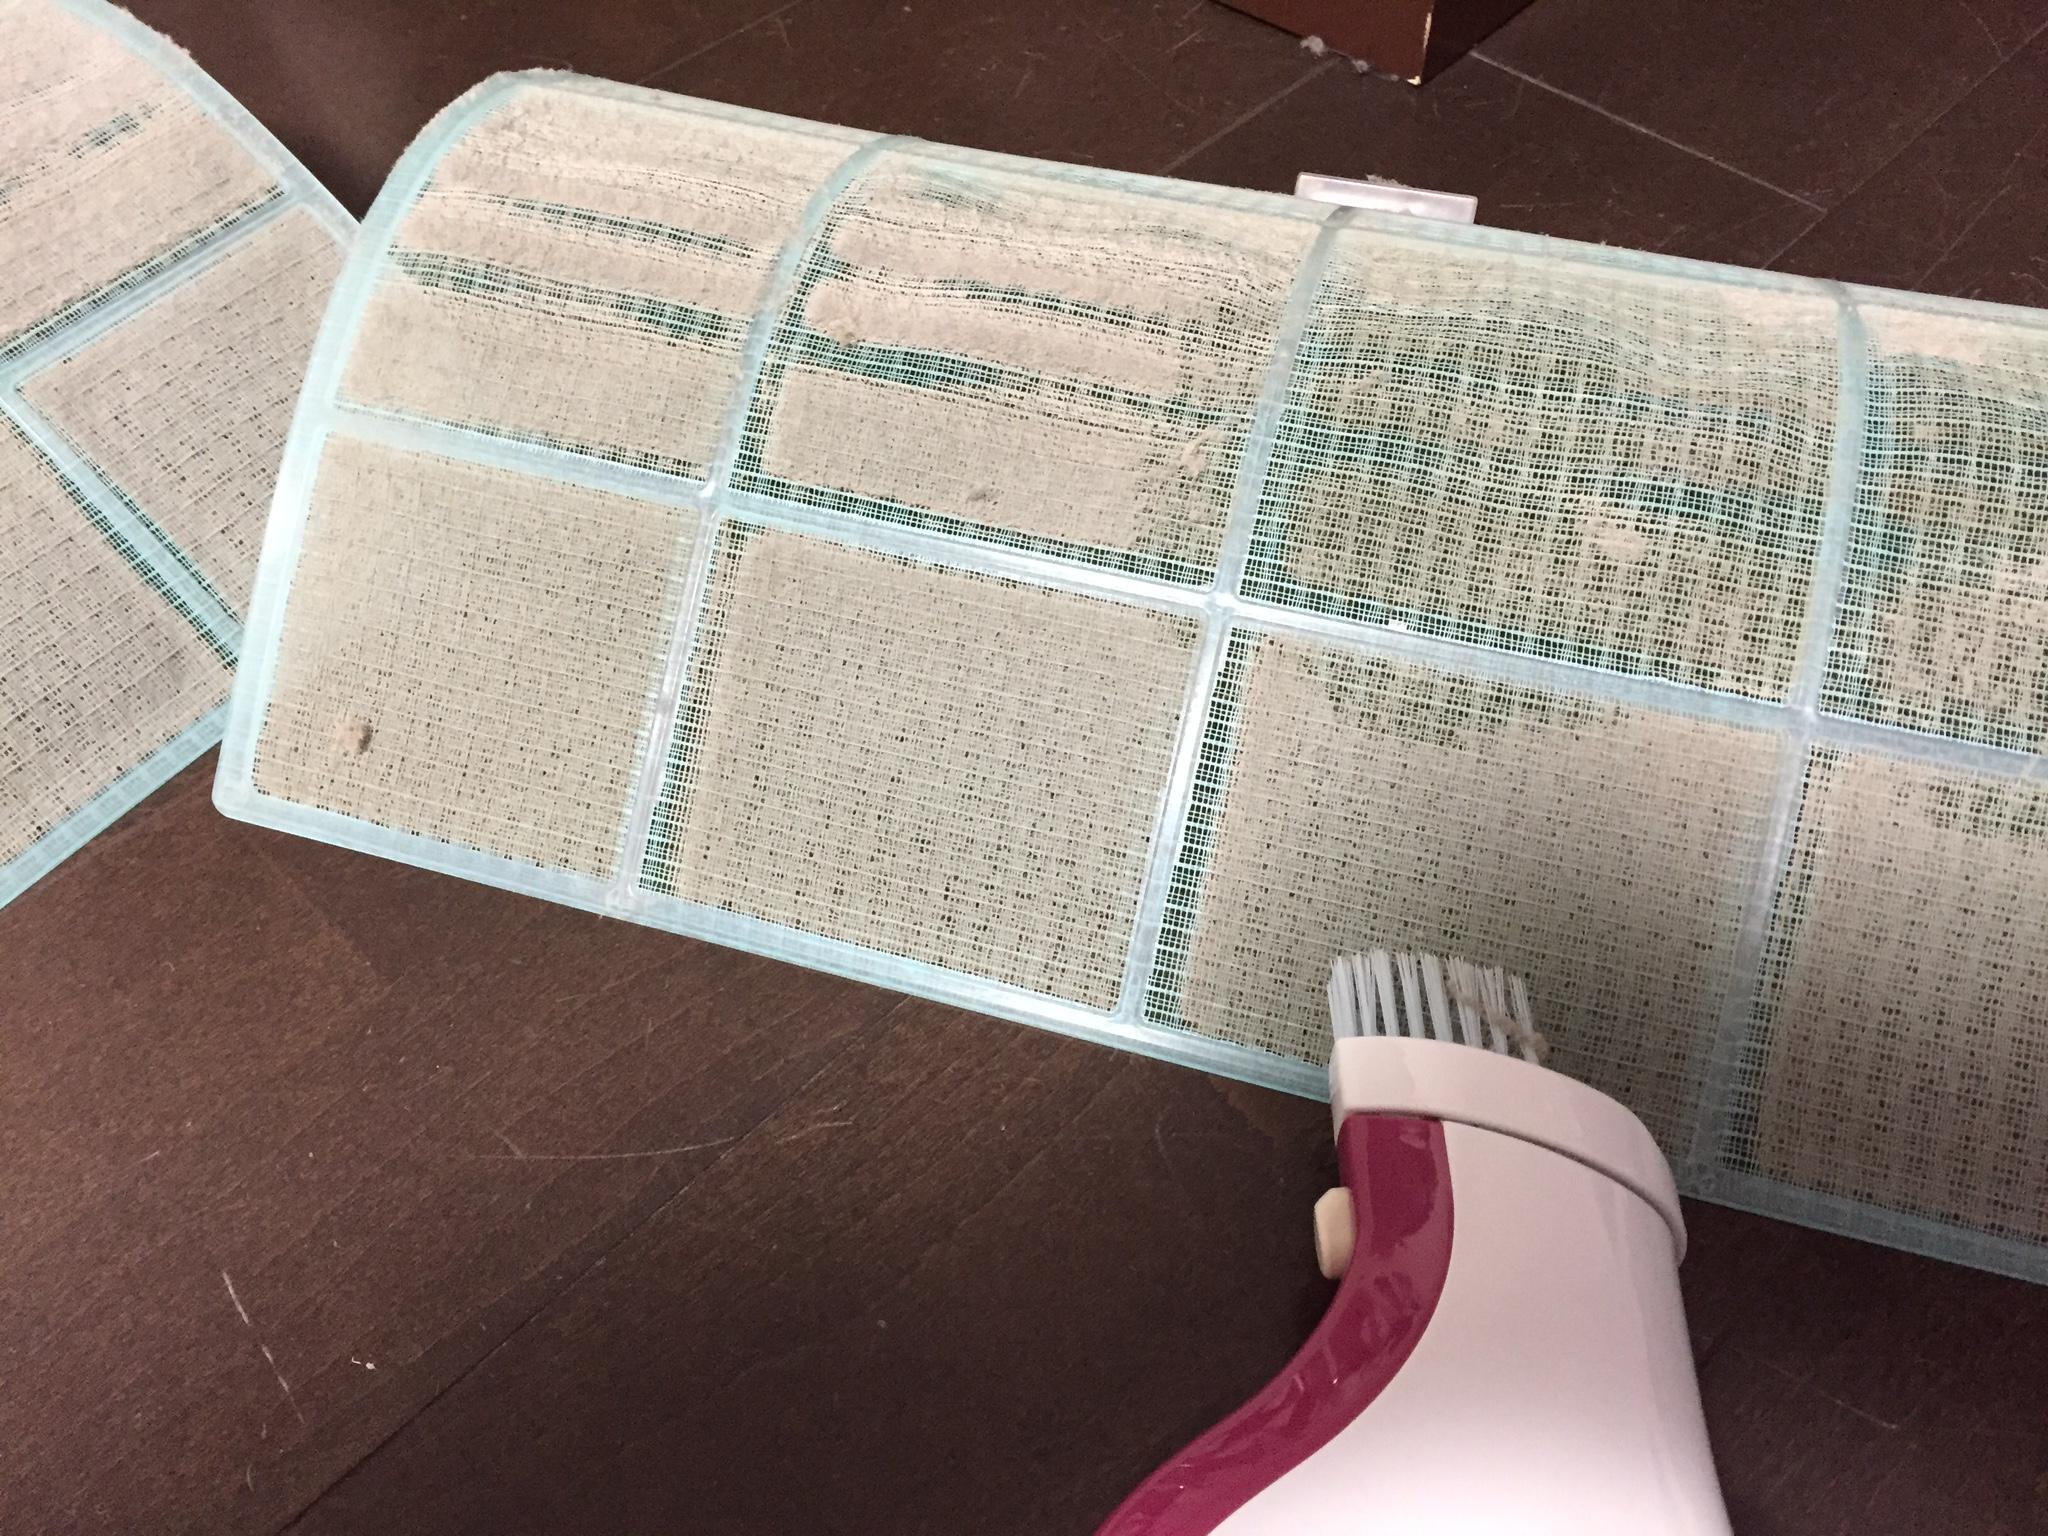 冬の電気代節約にエアコンフィルターの掃除